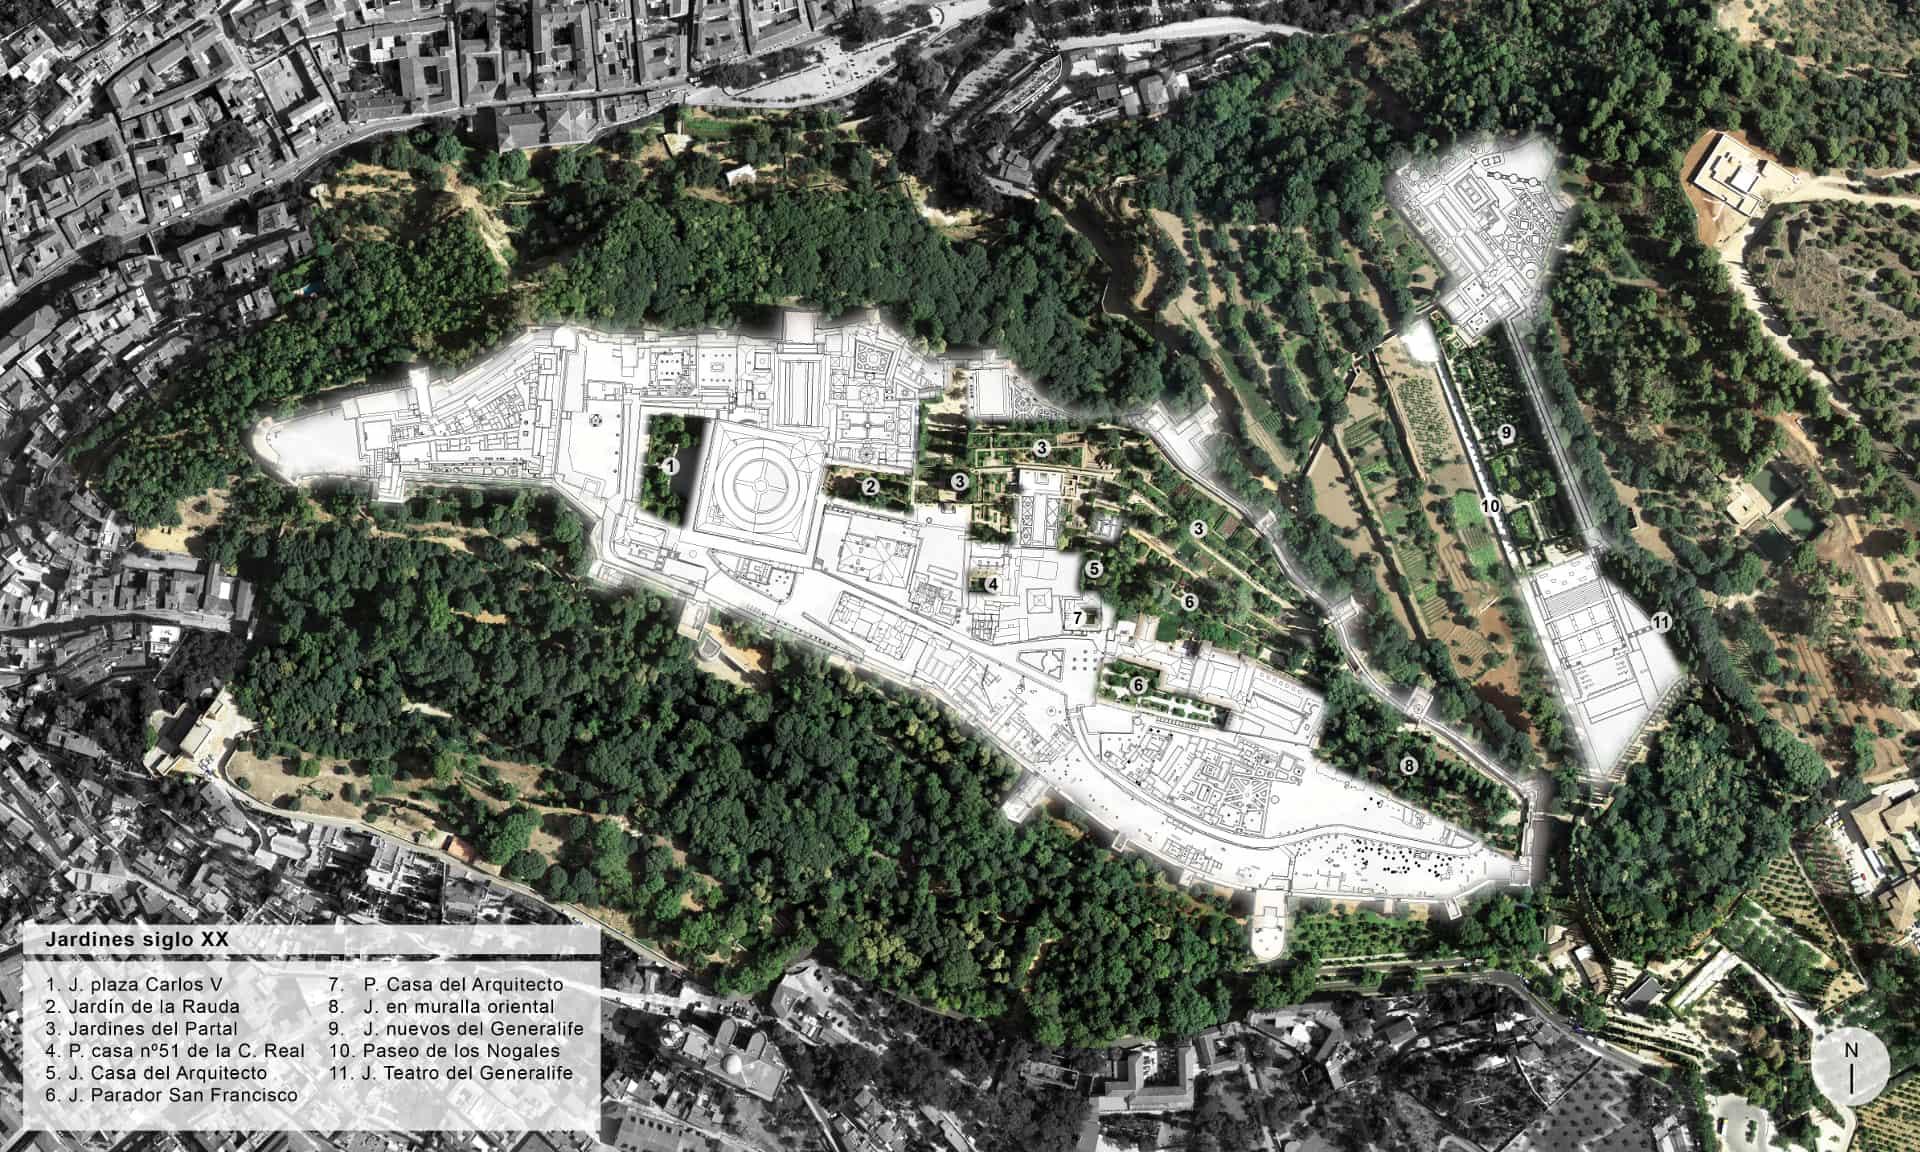 Distribución de los jardines en el siglo XX